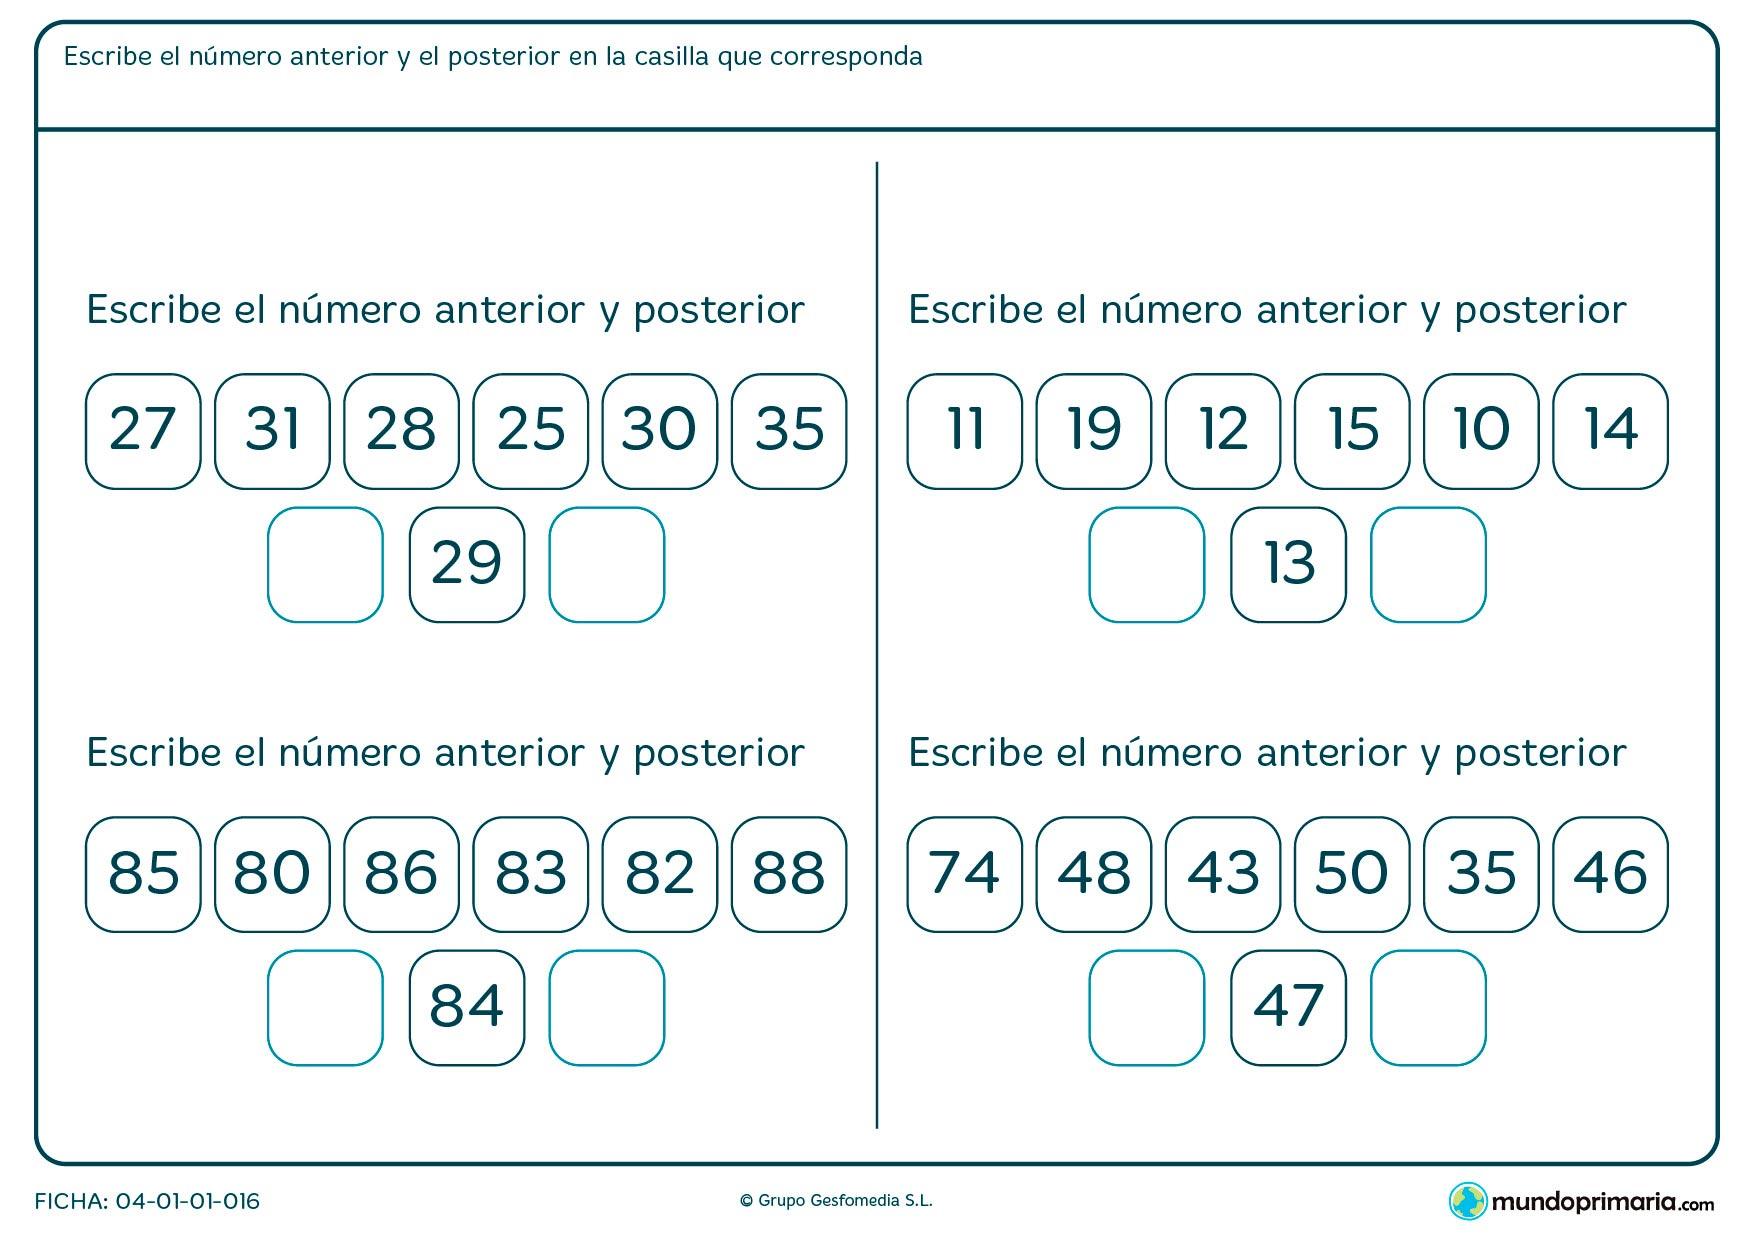 Ficha de número anterior a uno dado, Escribe el que cumpla este criterio.